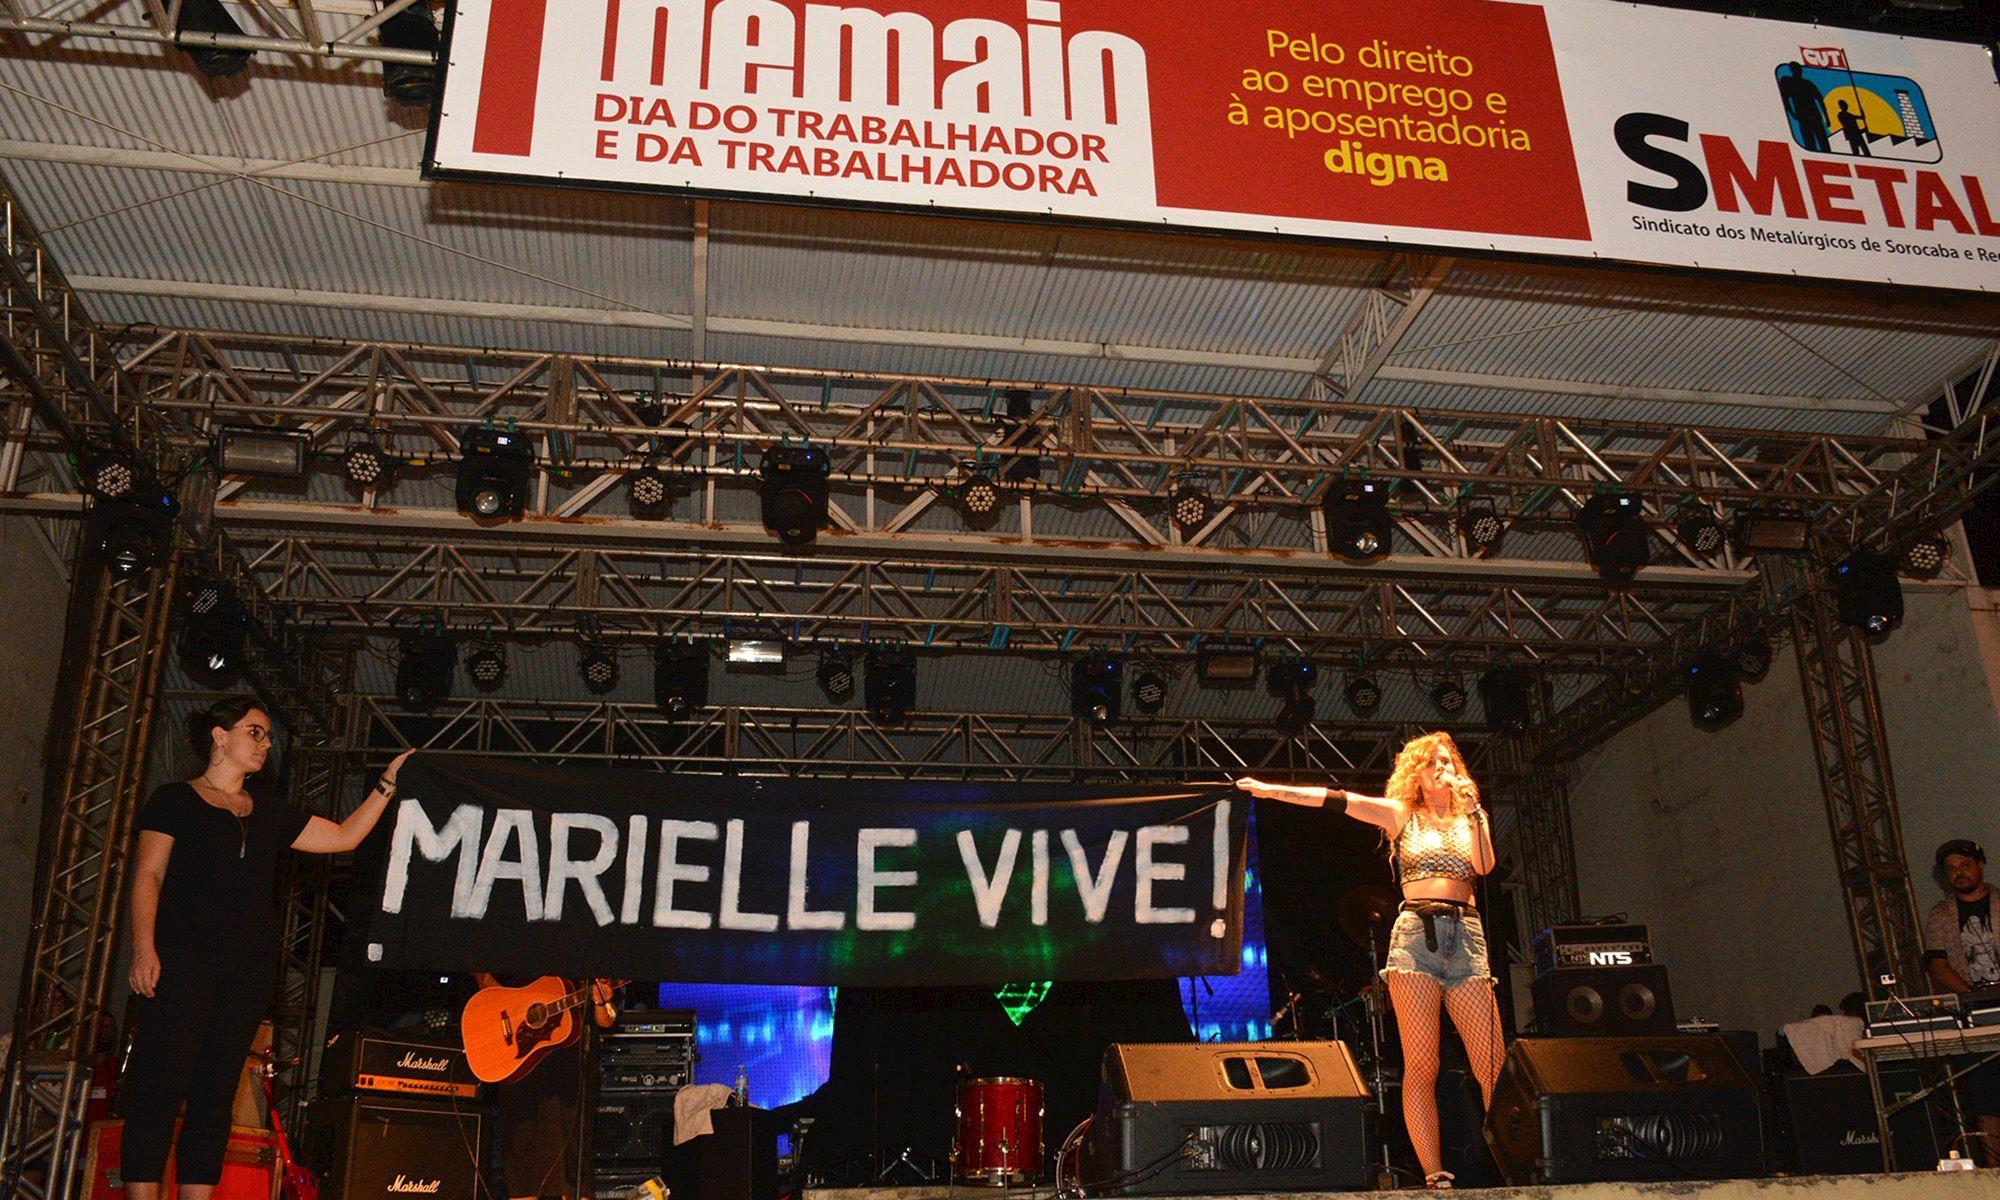 marielle, ana, Cañas, 1, de maio, primeiro, dia do trabalhador, trabalhadora, Foguinho/ Imprensa SMetal